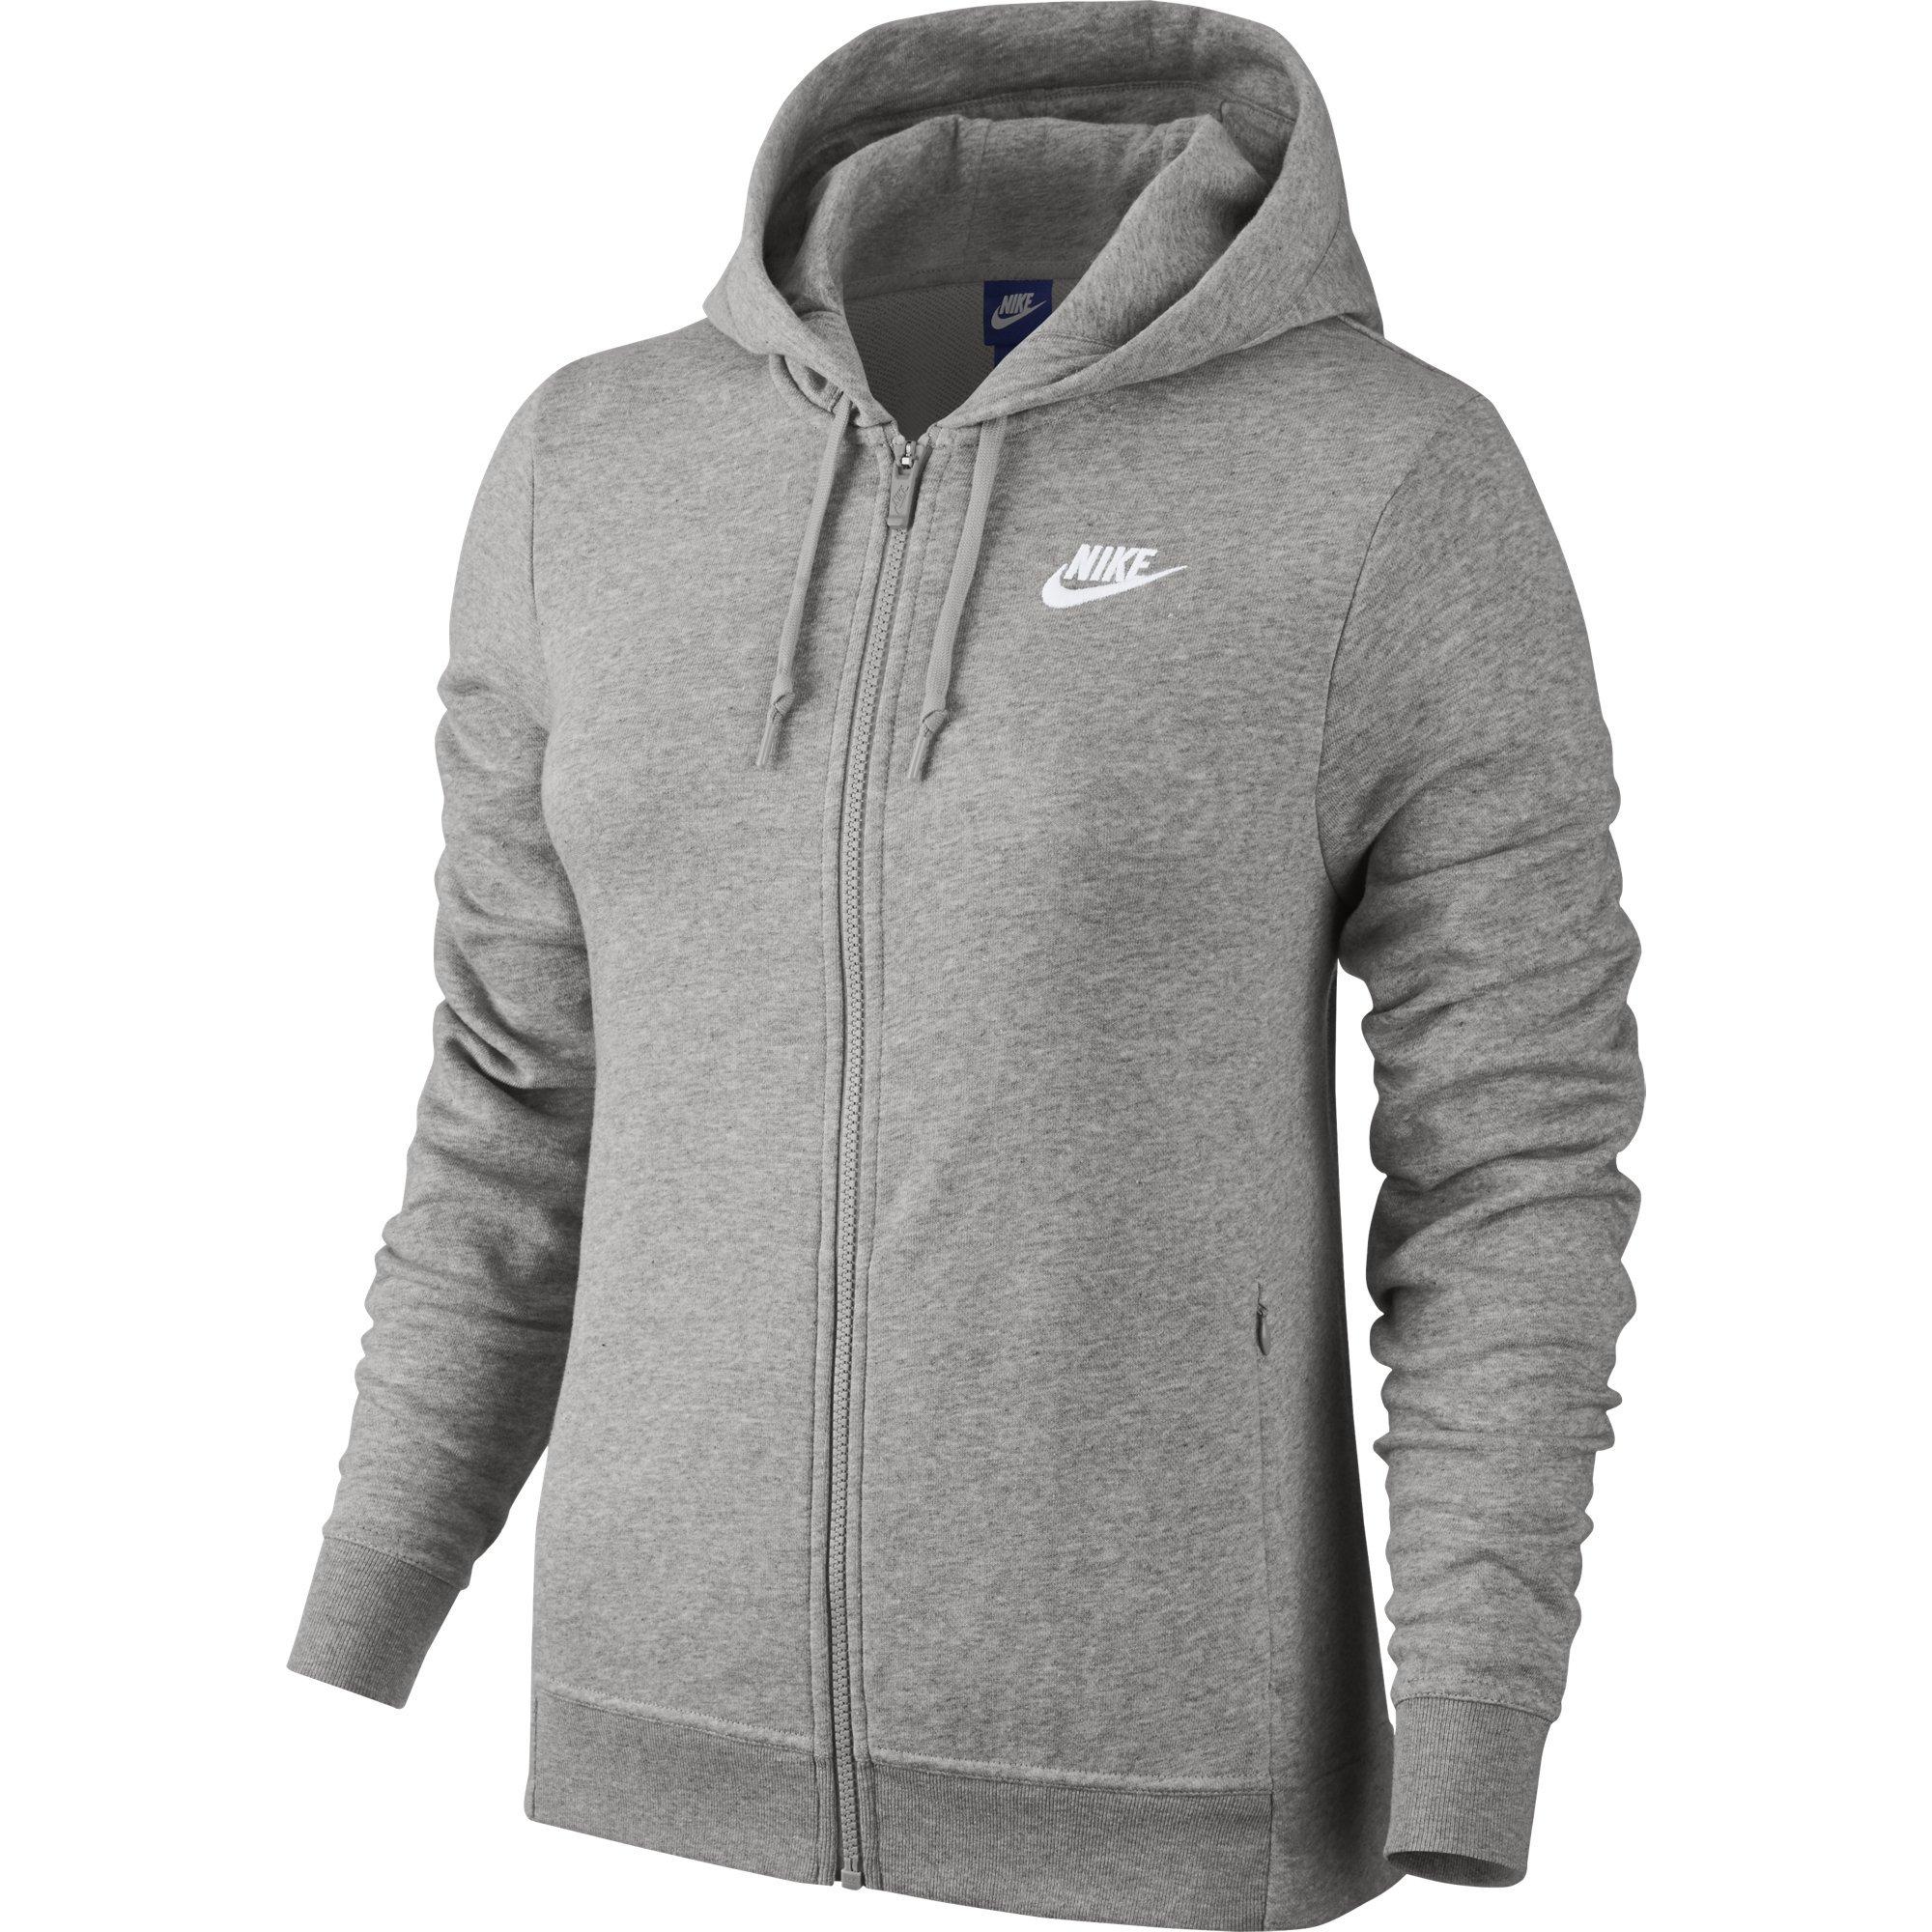 49560a4cea71 Galleon - NIKE Sportswear Women s Full Zip Hoodie